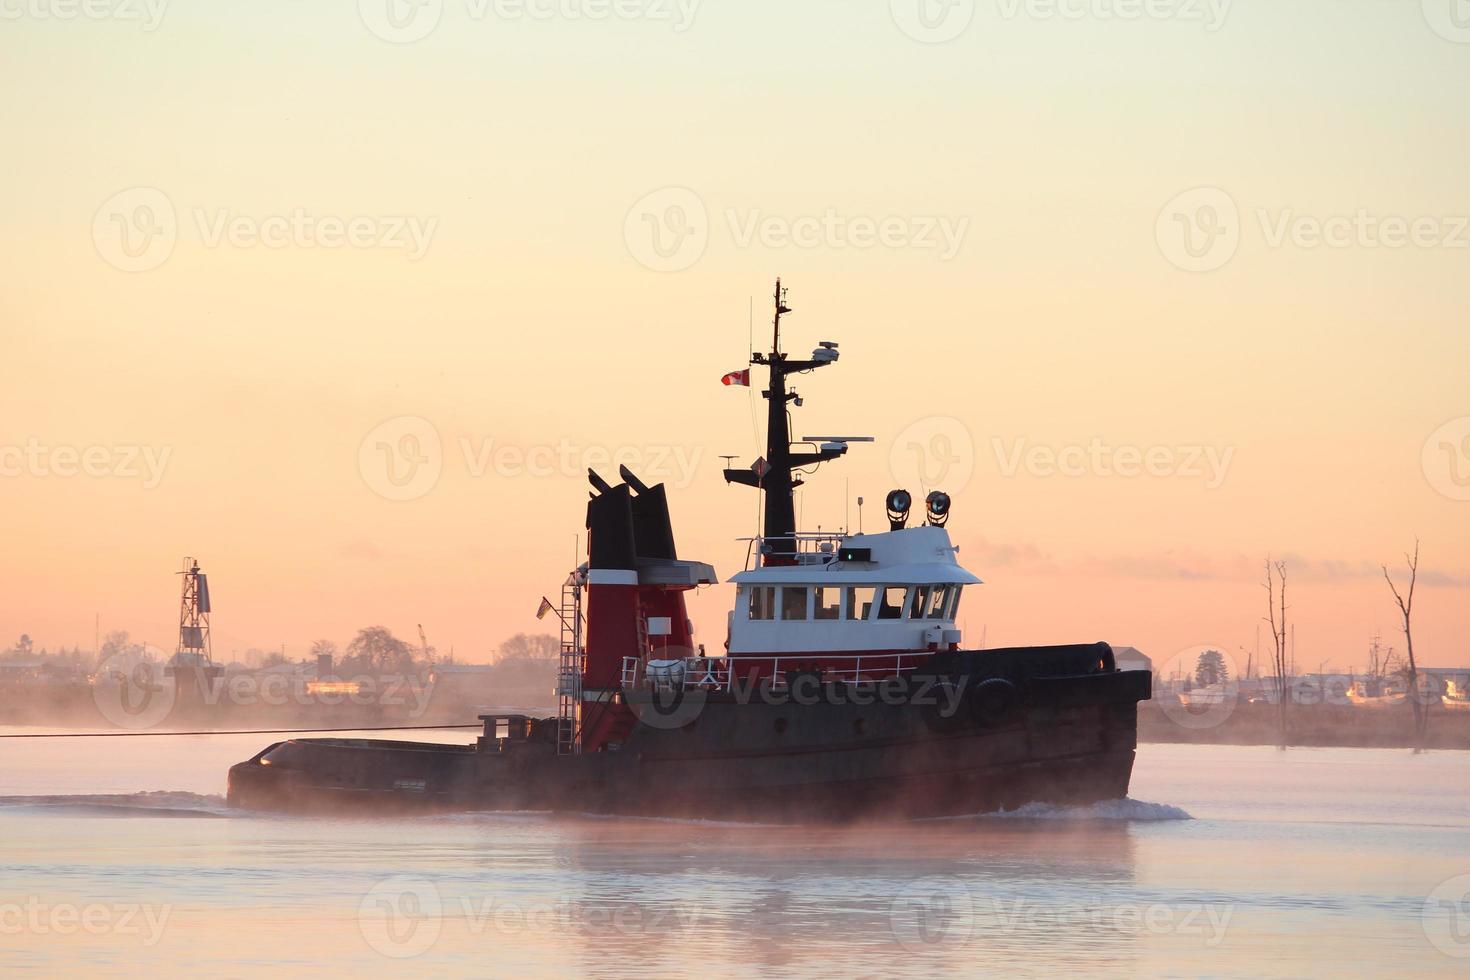 Flussschlepper, Morgennebel foto